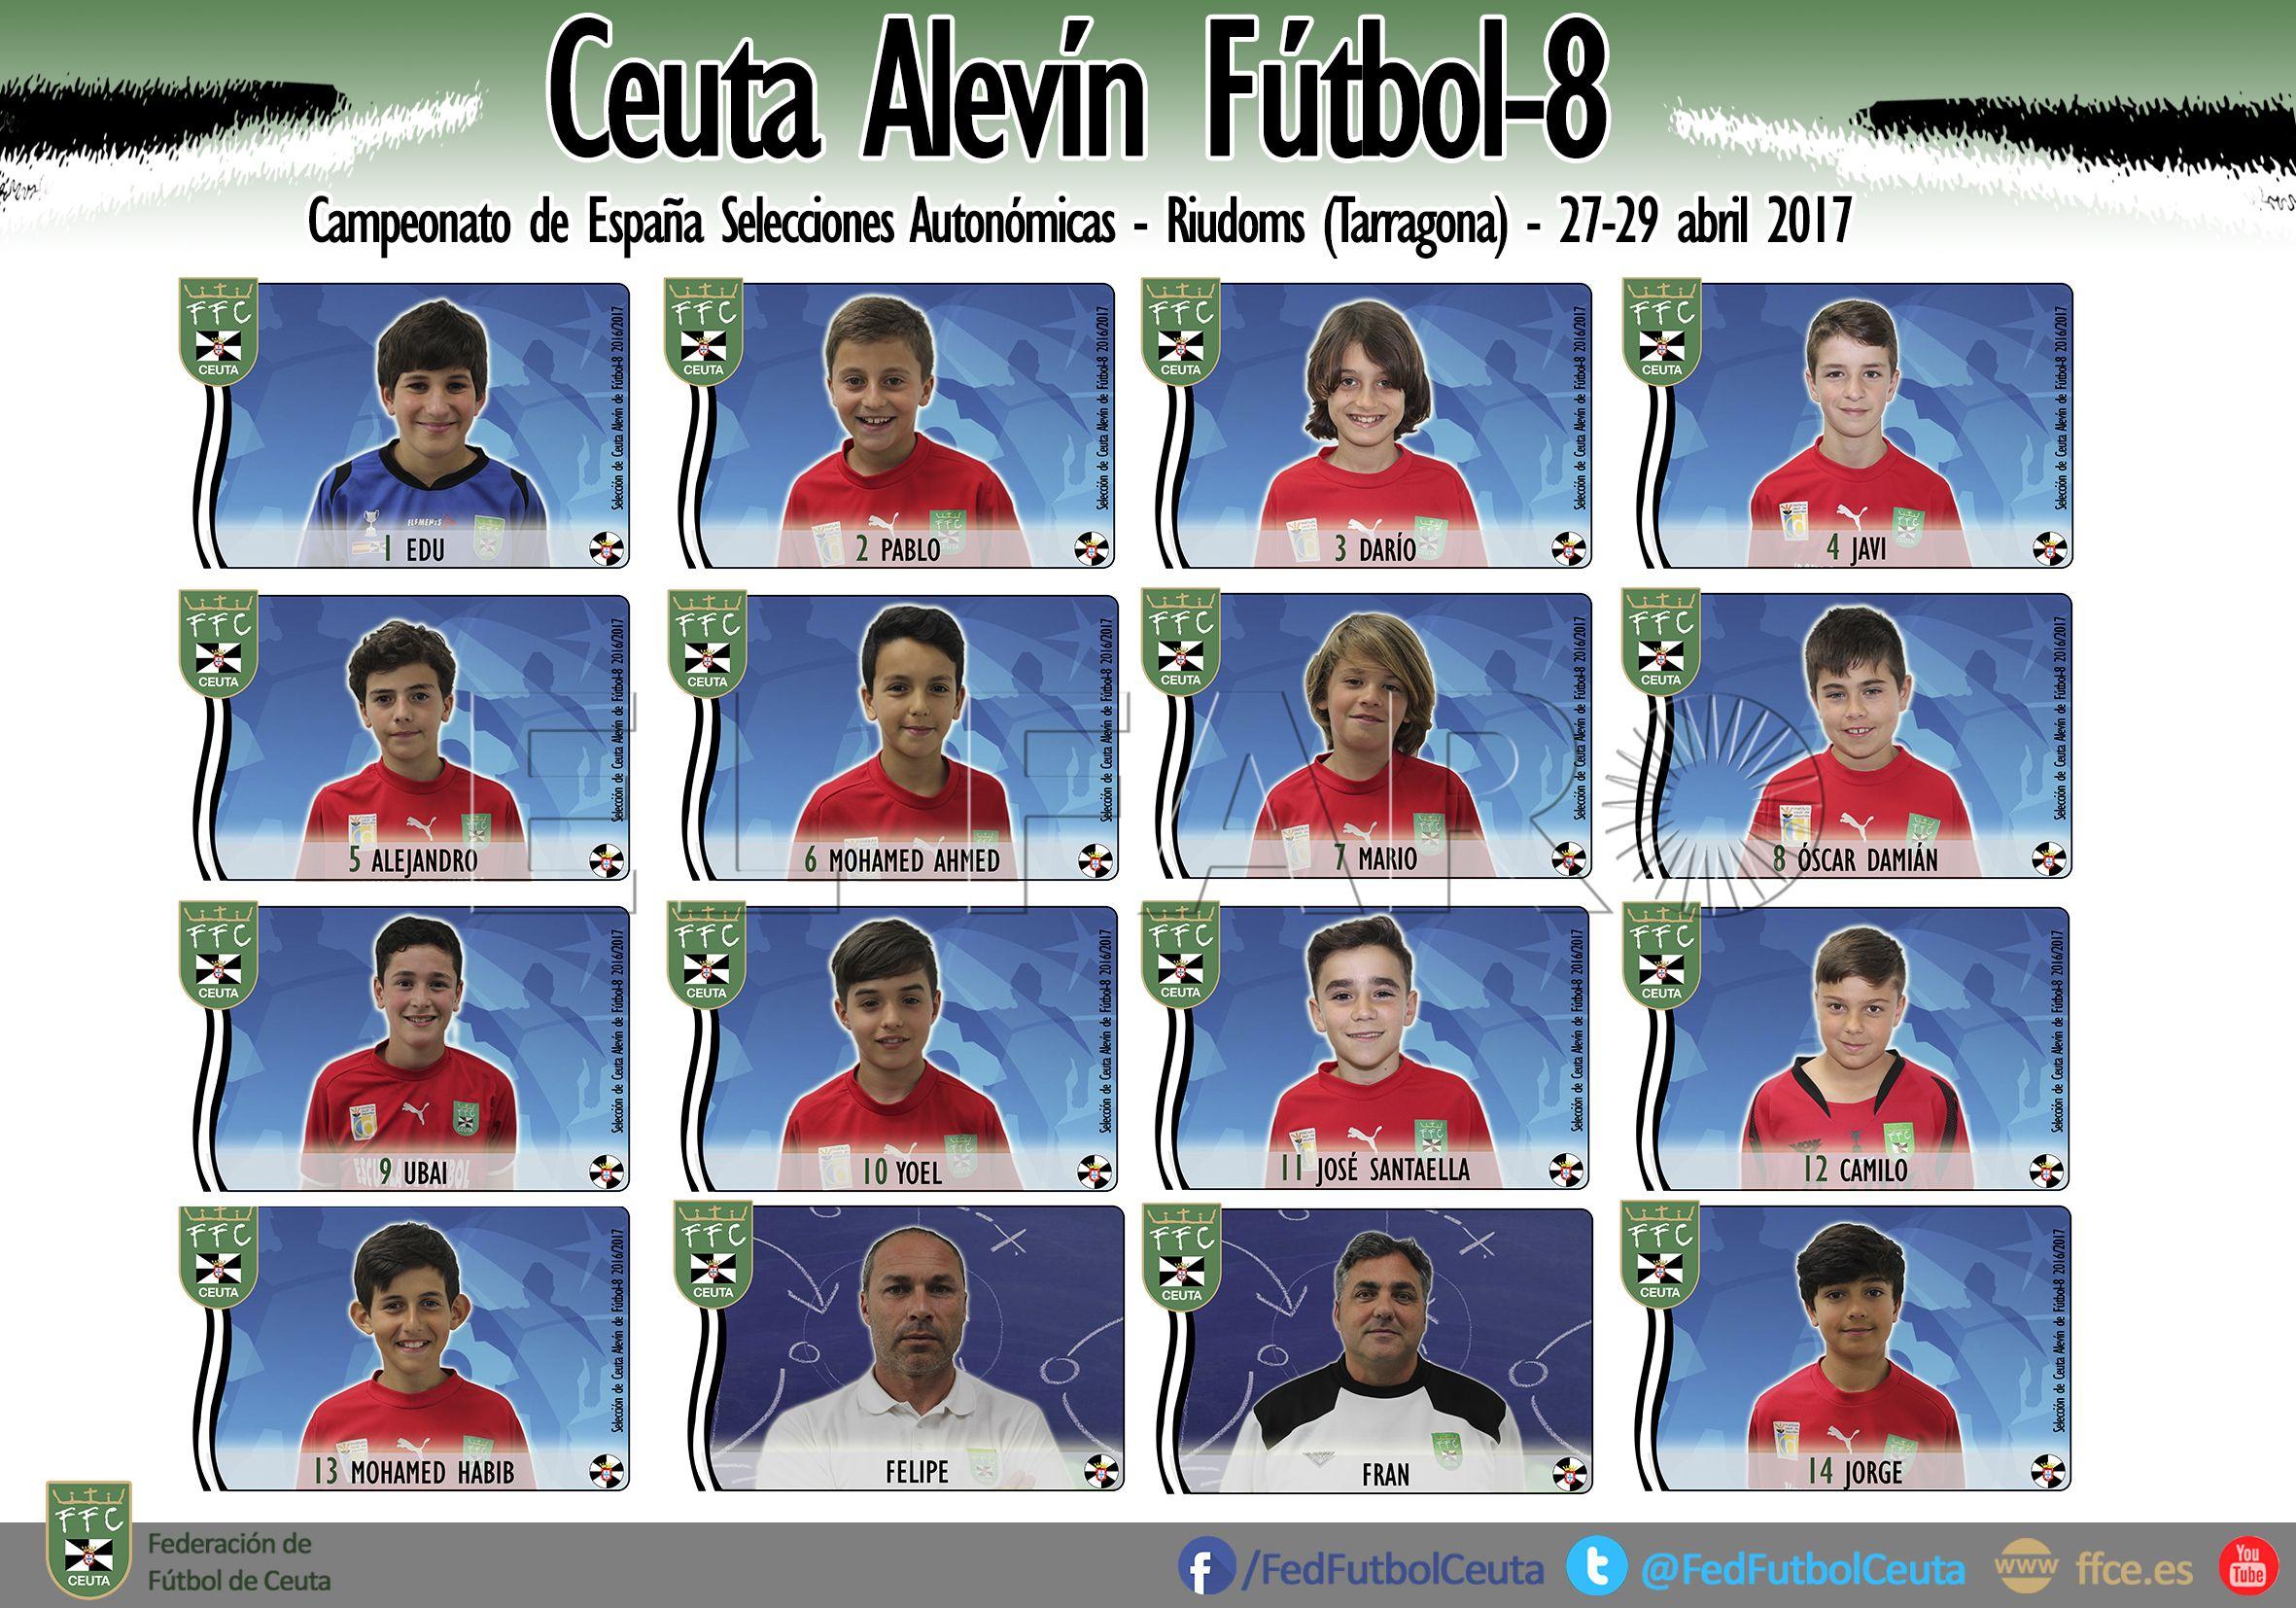 Ceuta comienza mañana en el Nacional de Fútbol 8 con tres partidos